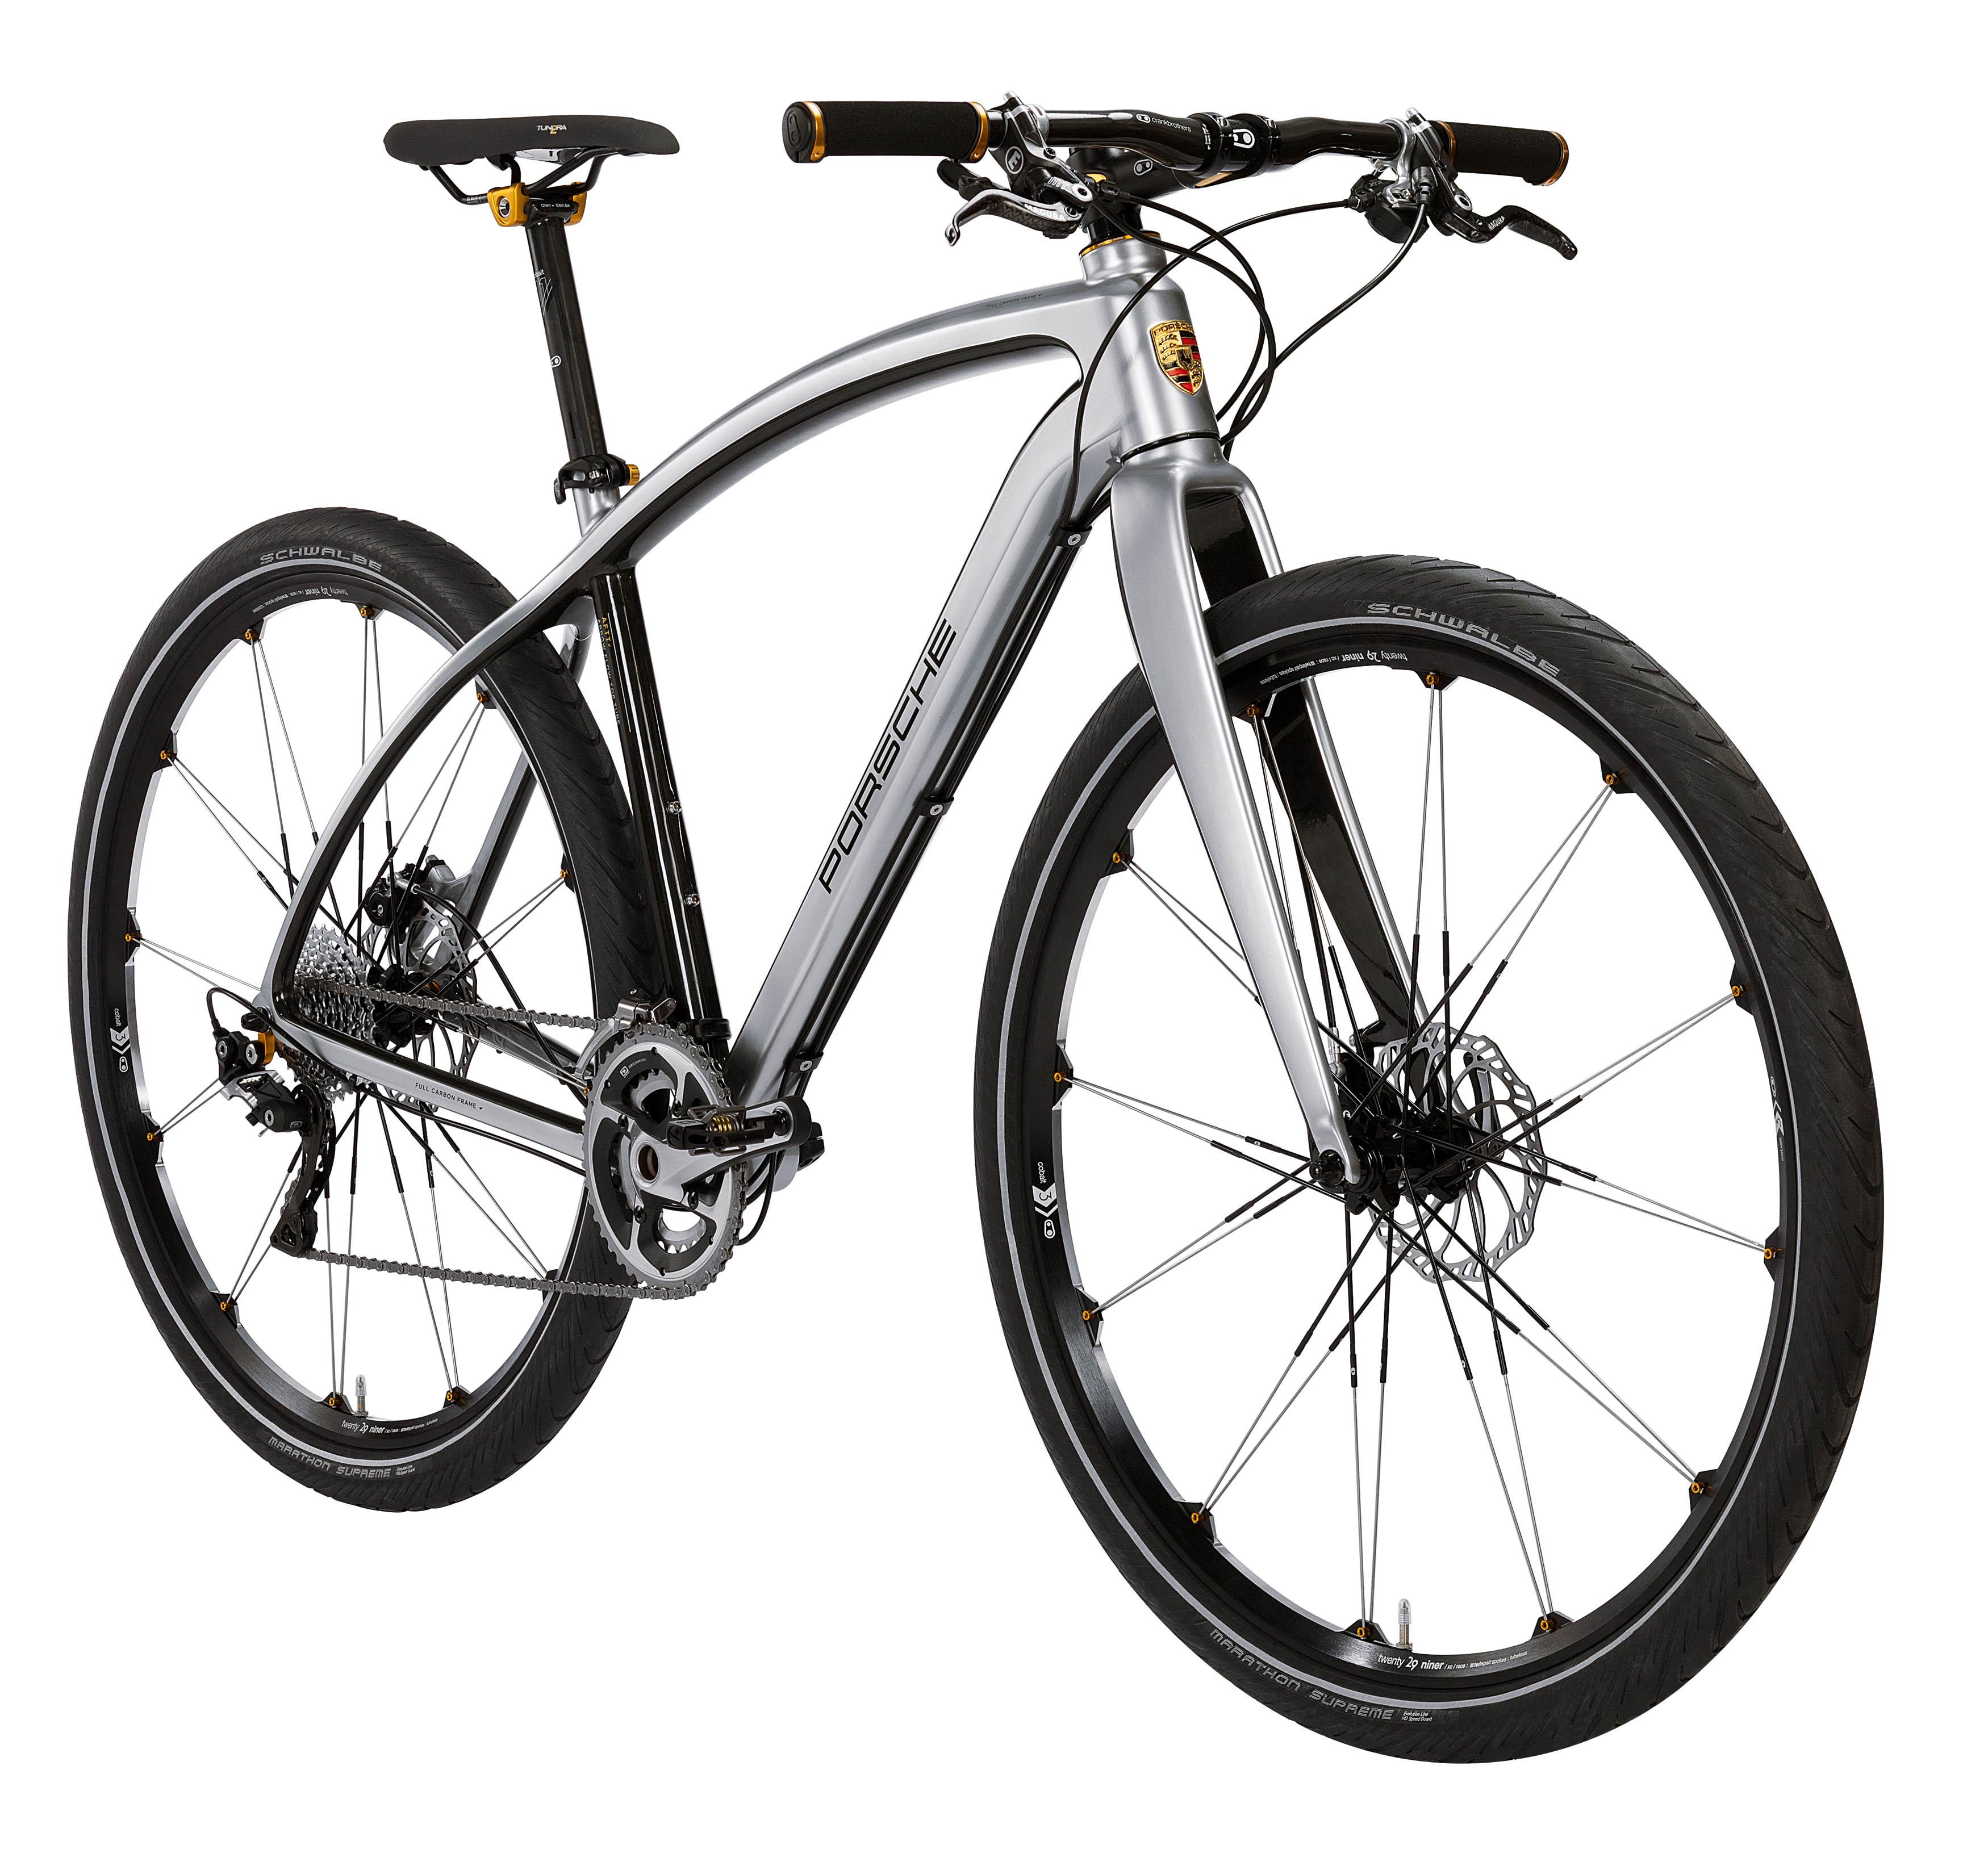 porsche presenteert nieuwe fietsen race en. Black Bedroom Furniture Sets. Home Design Ideas